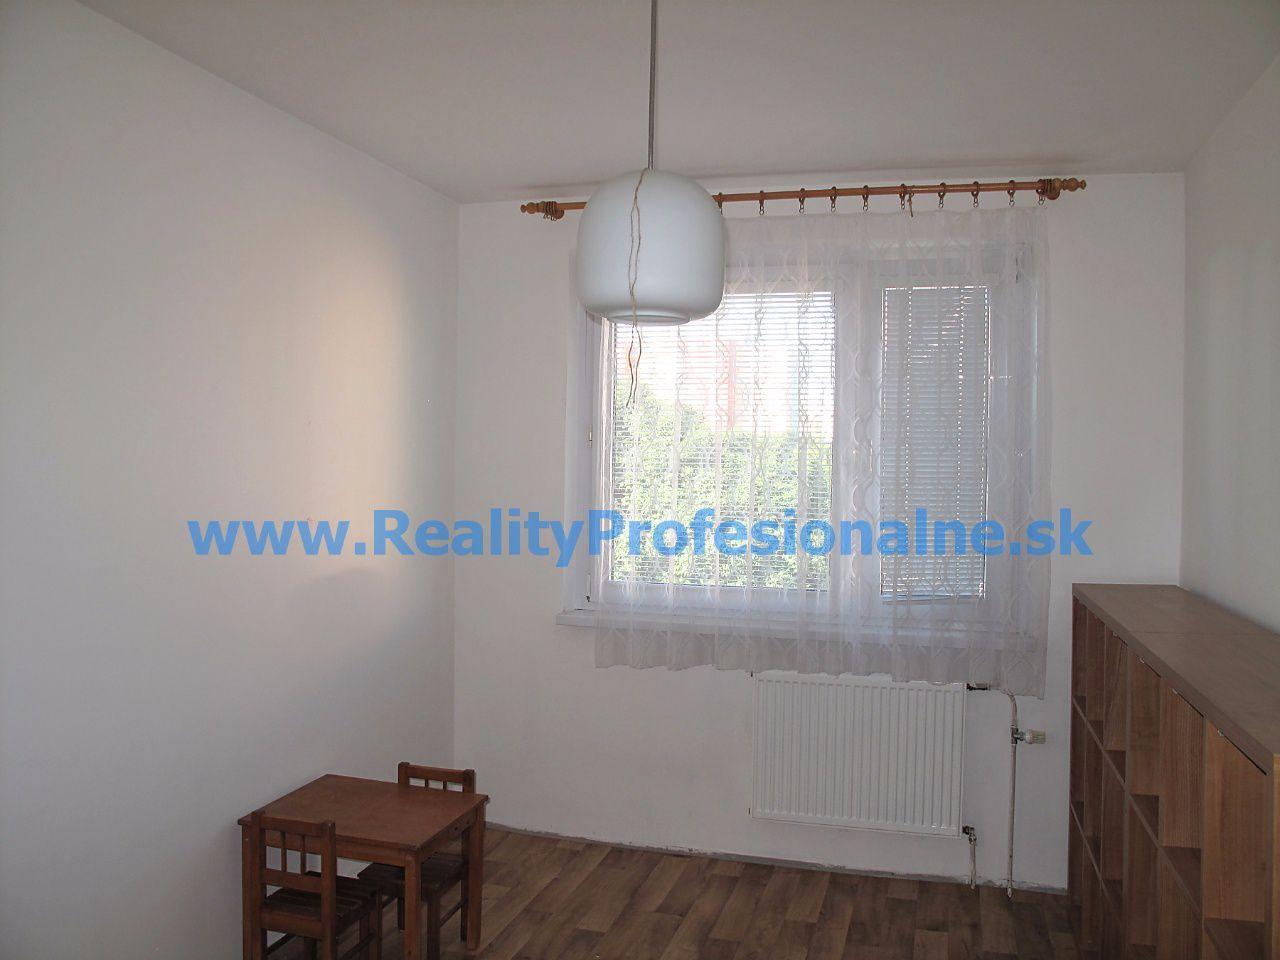 PREDANÉ ZA 1 DEŇ: 4 izbový byt v Petržalke - Ovsišti na Haanovej je najlepšie miesto na bývanie a výchovu detí